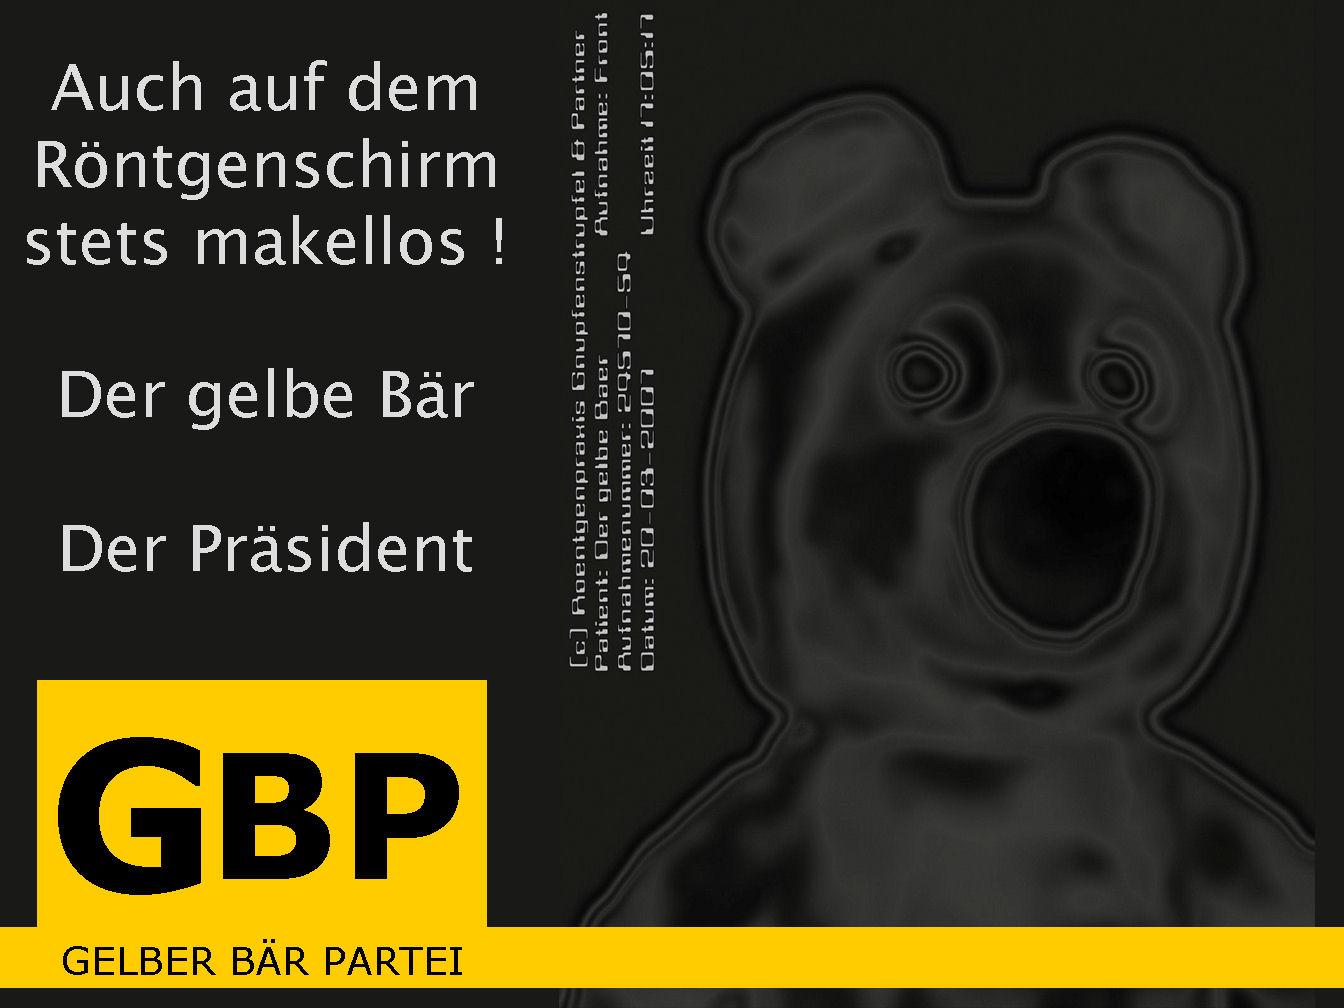 Der gelbe Bär for President